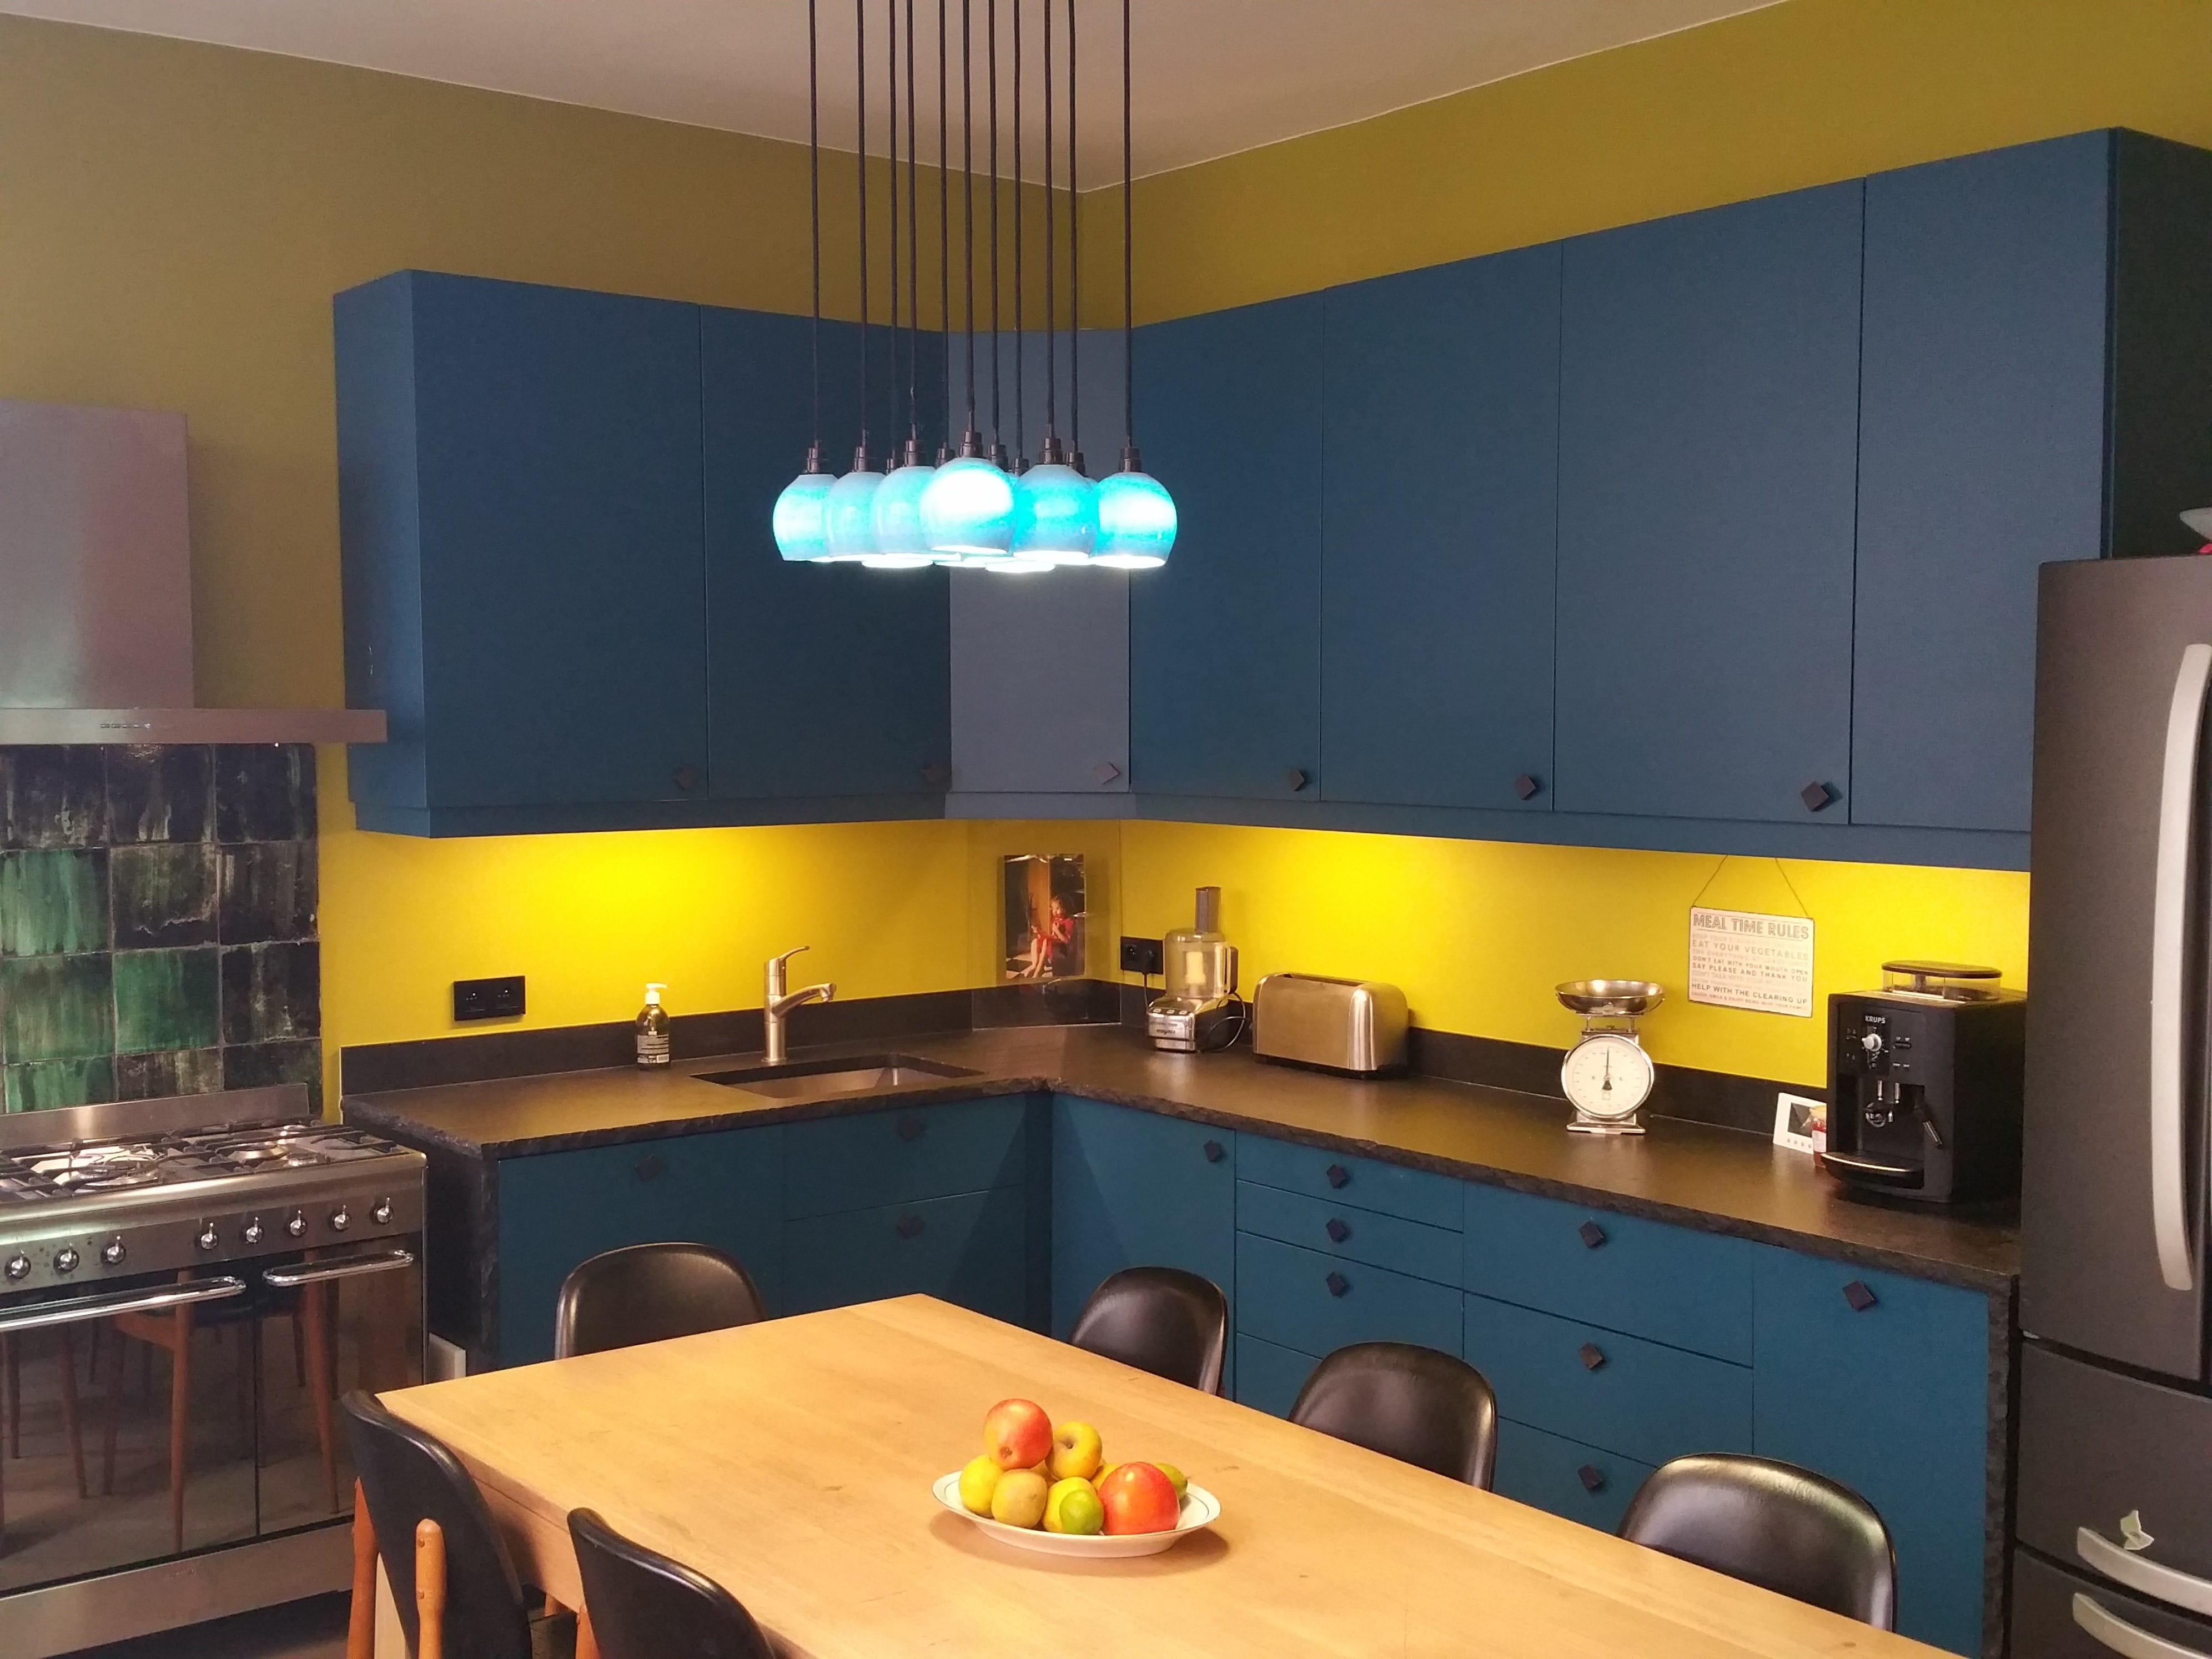 Comment éclairer une cuisine ?